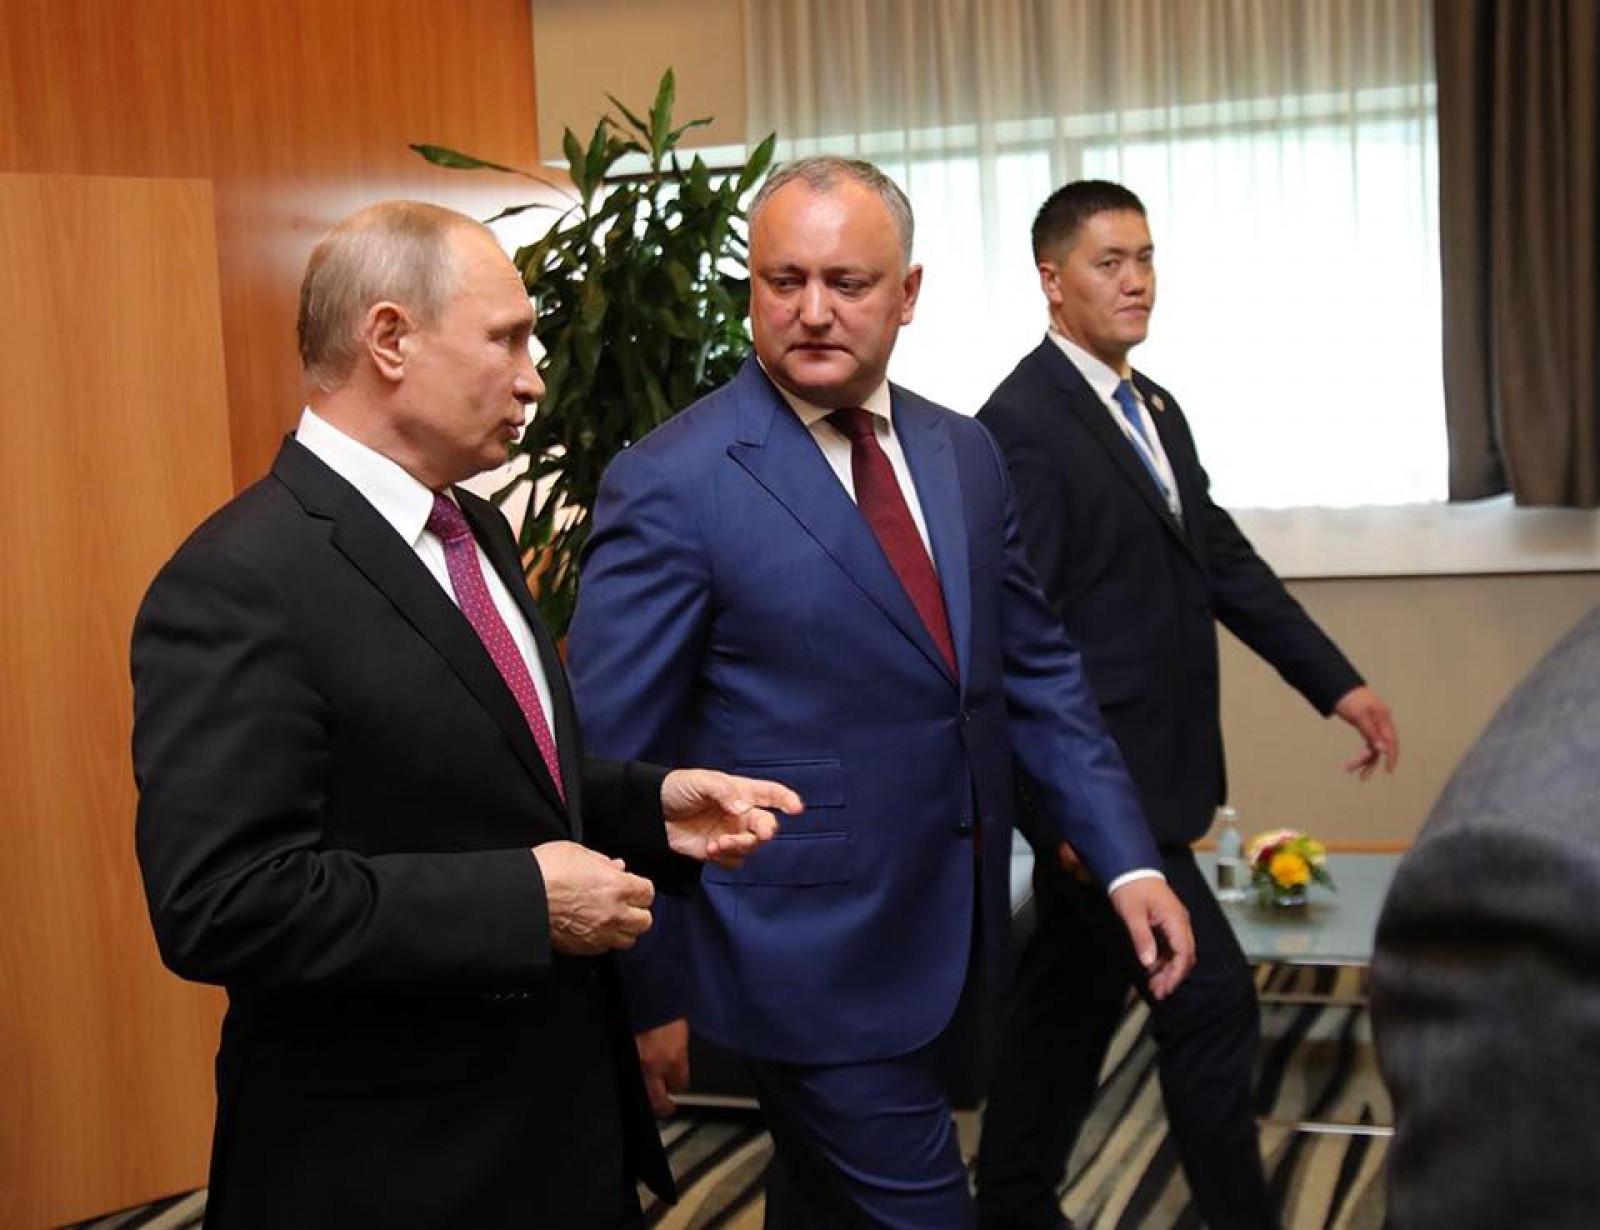 """Încă un """"eveniment istoric"""" pentru Republica Moldova: A obținut statutul de observator în cadrul Uniunii Economice Eurasiatice"""